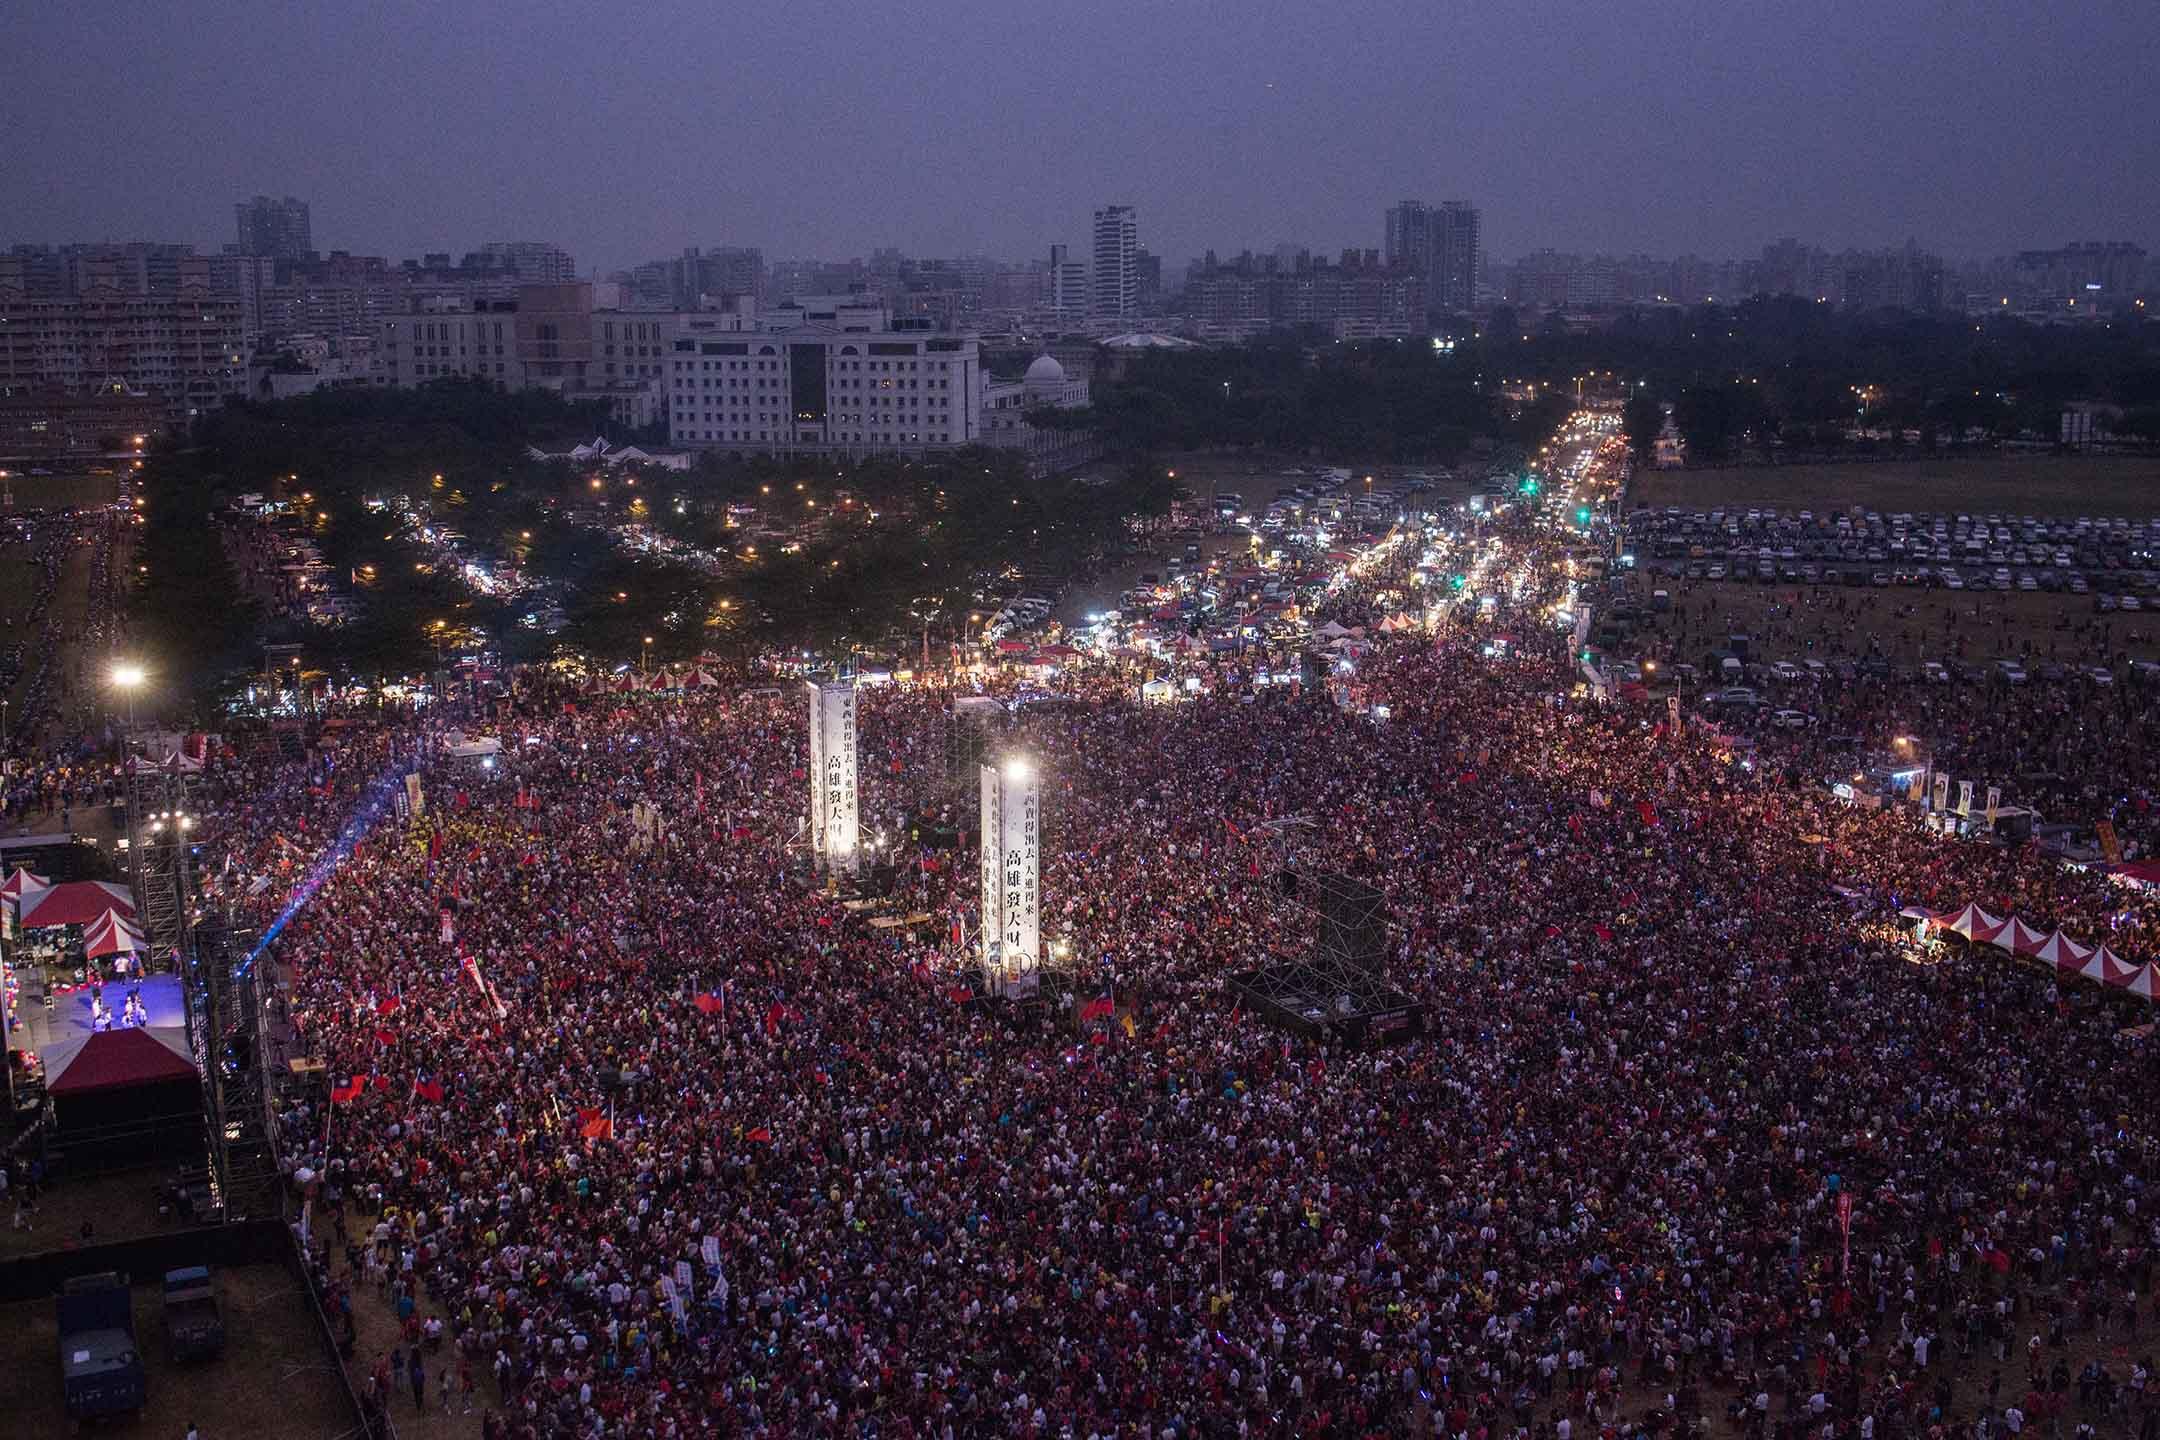 2018年11月17日 , 韓國瑜在高雄市鳯山的造勢晚會,大會稱有十萬人參加。 攝:陳焯煇/端傳媒